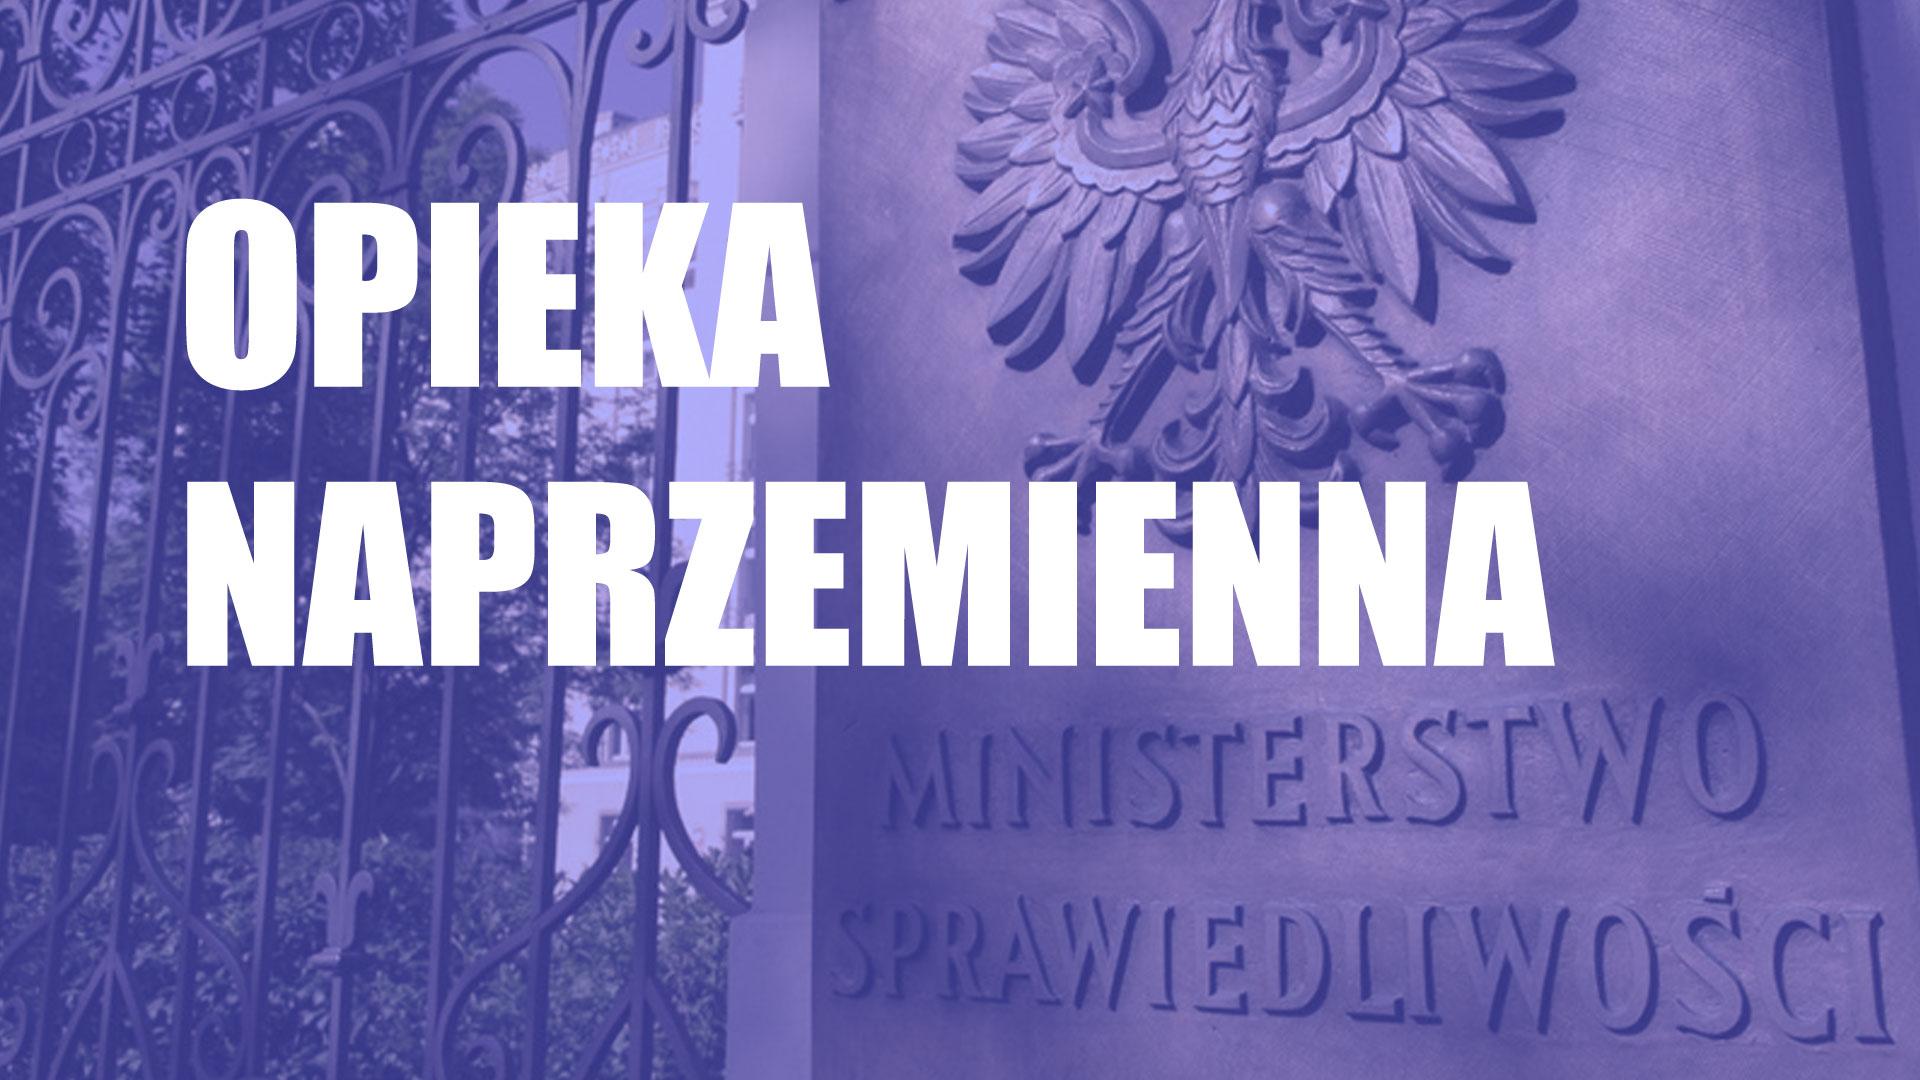 Ministerstwo_Sprawiedliwosci_DL-I-054-6_15